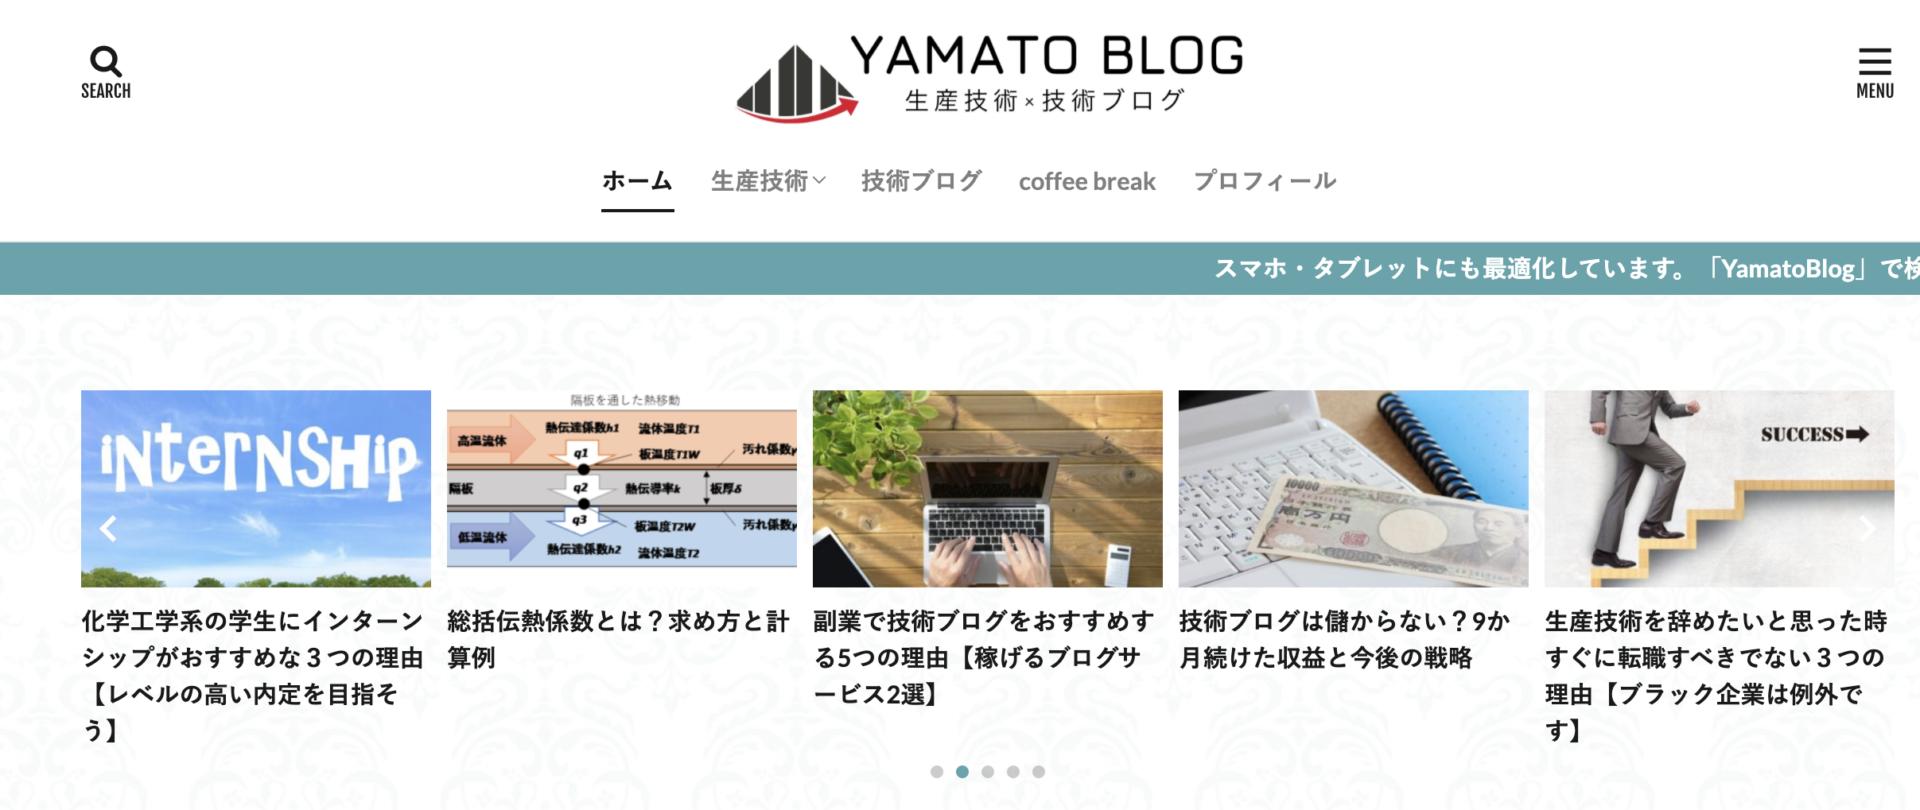 YAMATO BLOG